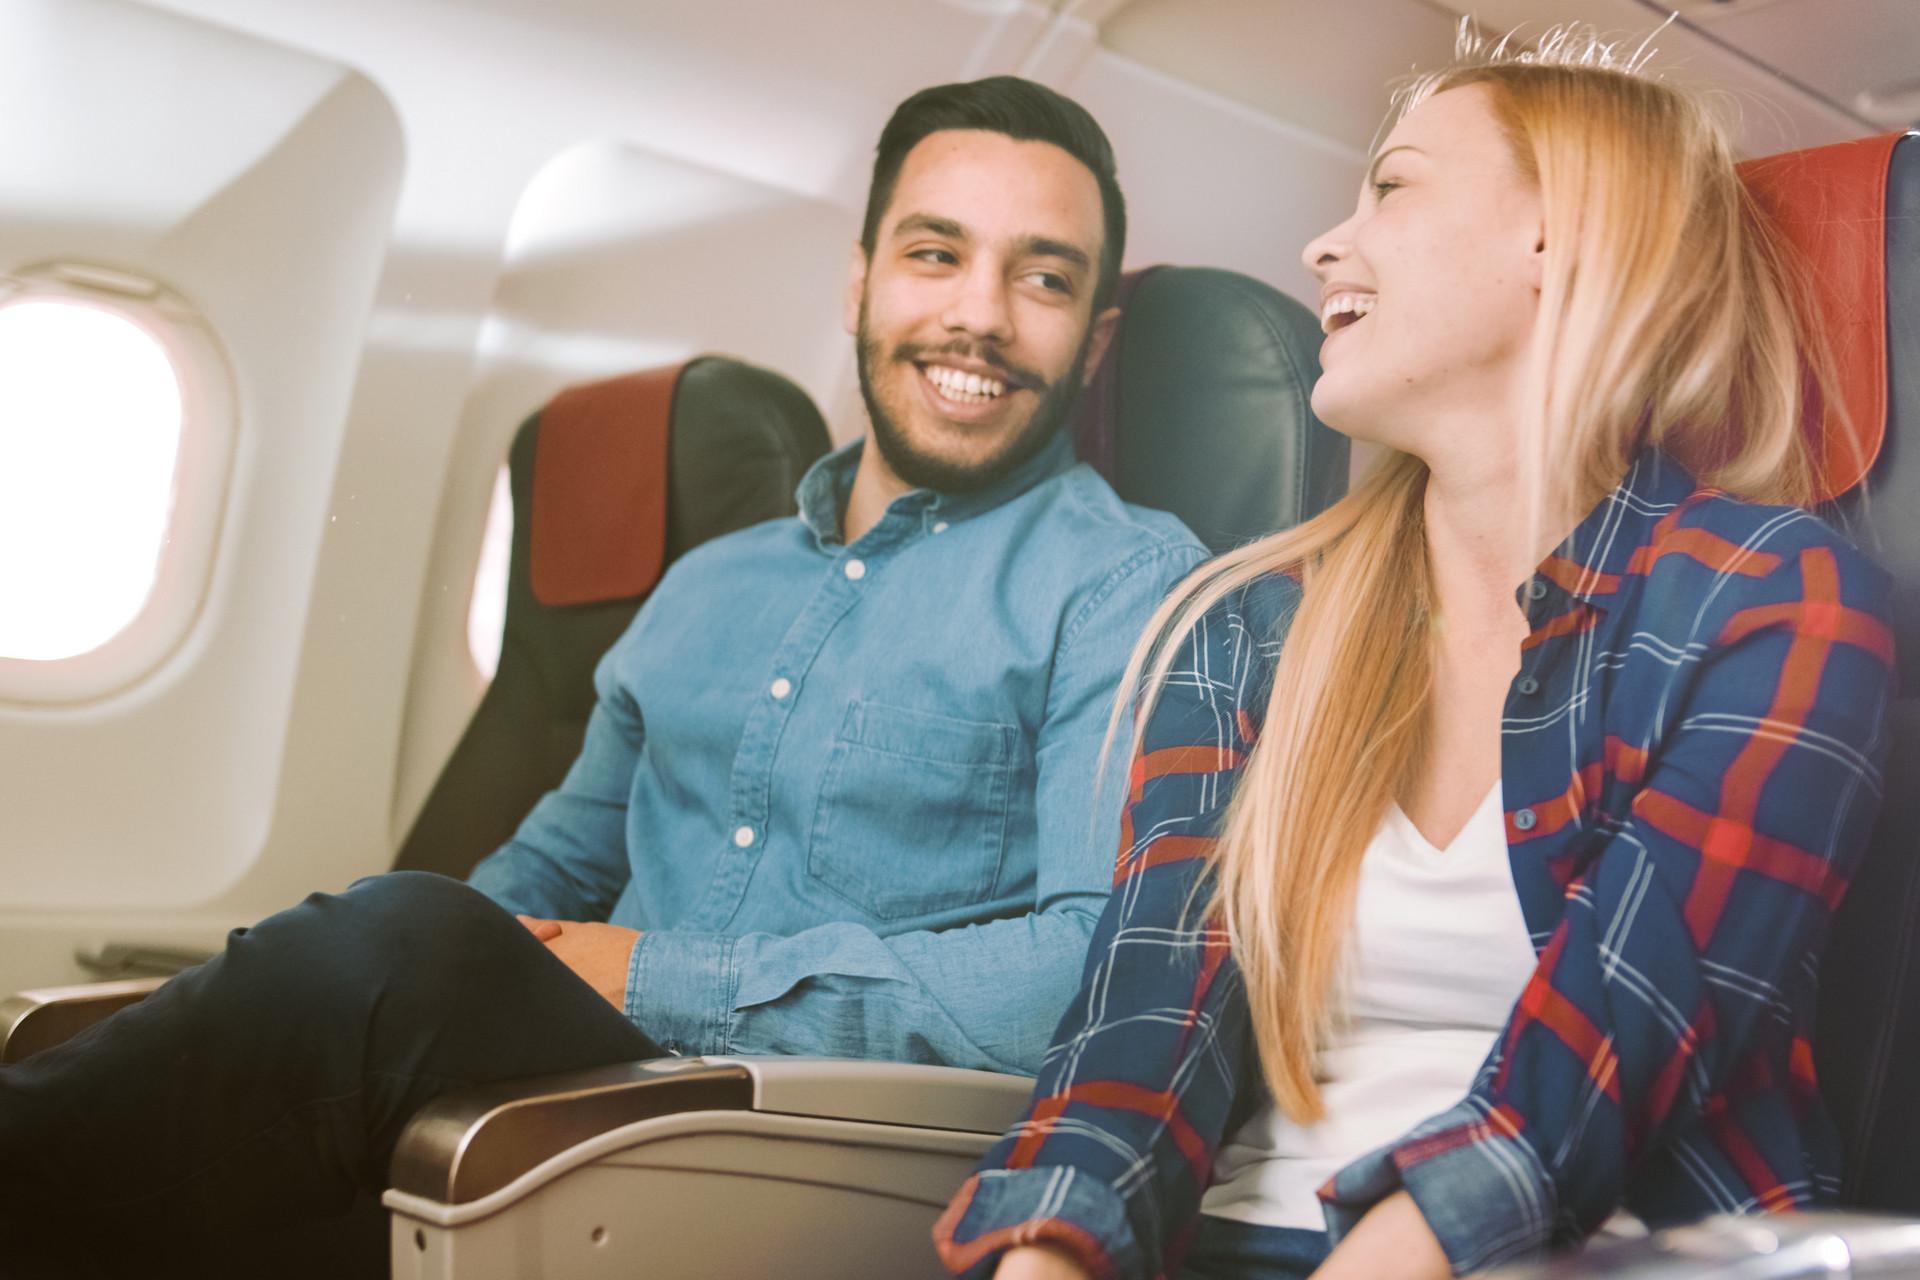 kobieta i mężczyzna rozmawiają w samolocie